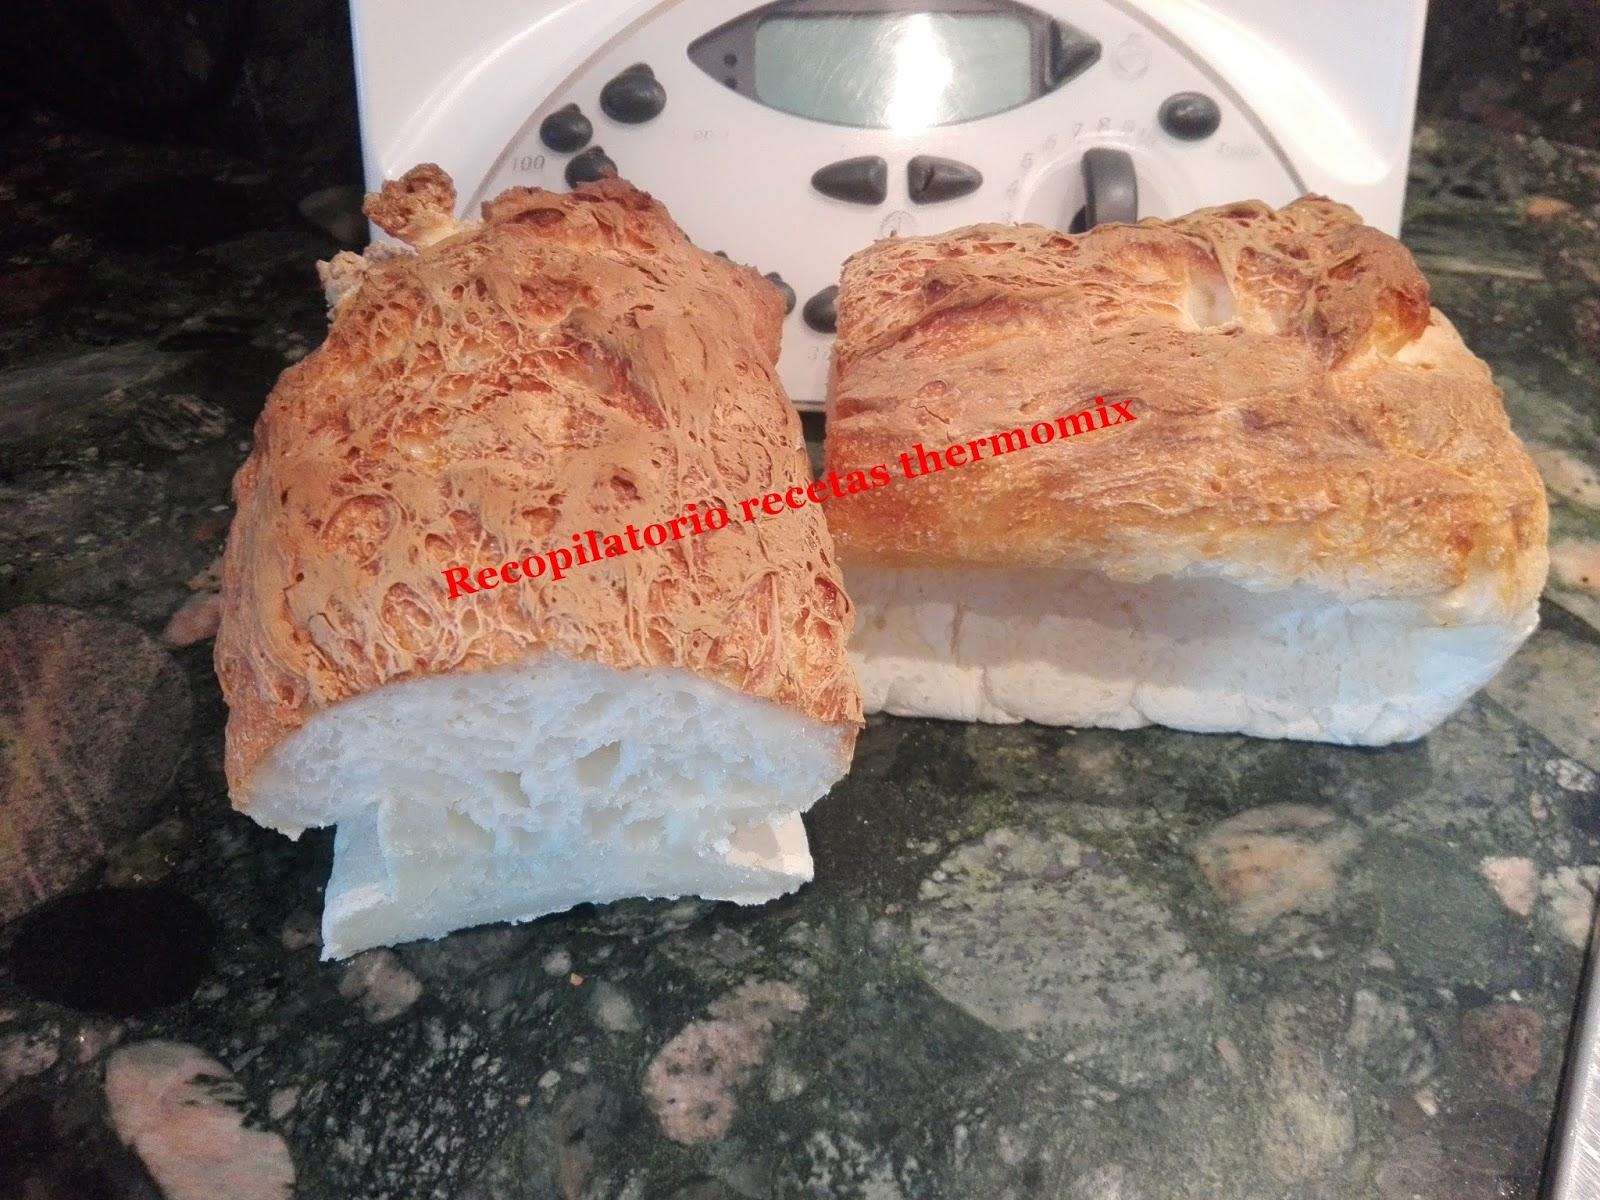 Recopilatorio De Recetas Thermomix Pan De Molde Sin Gluten